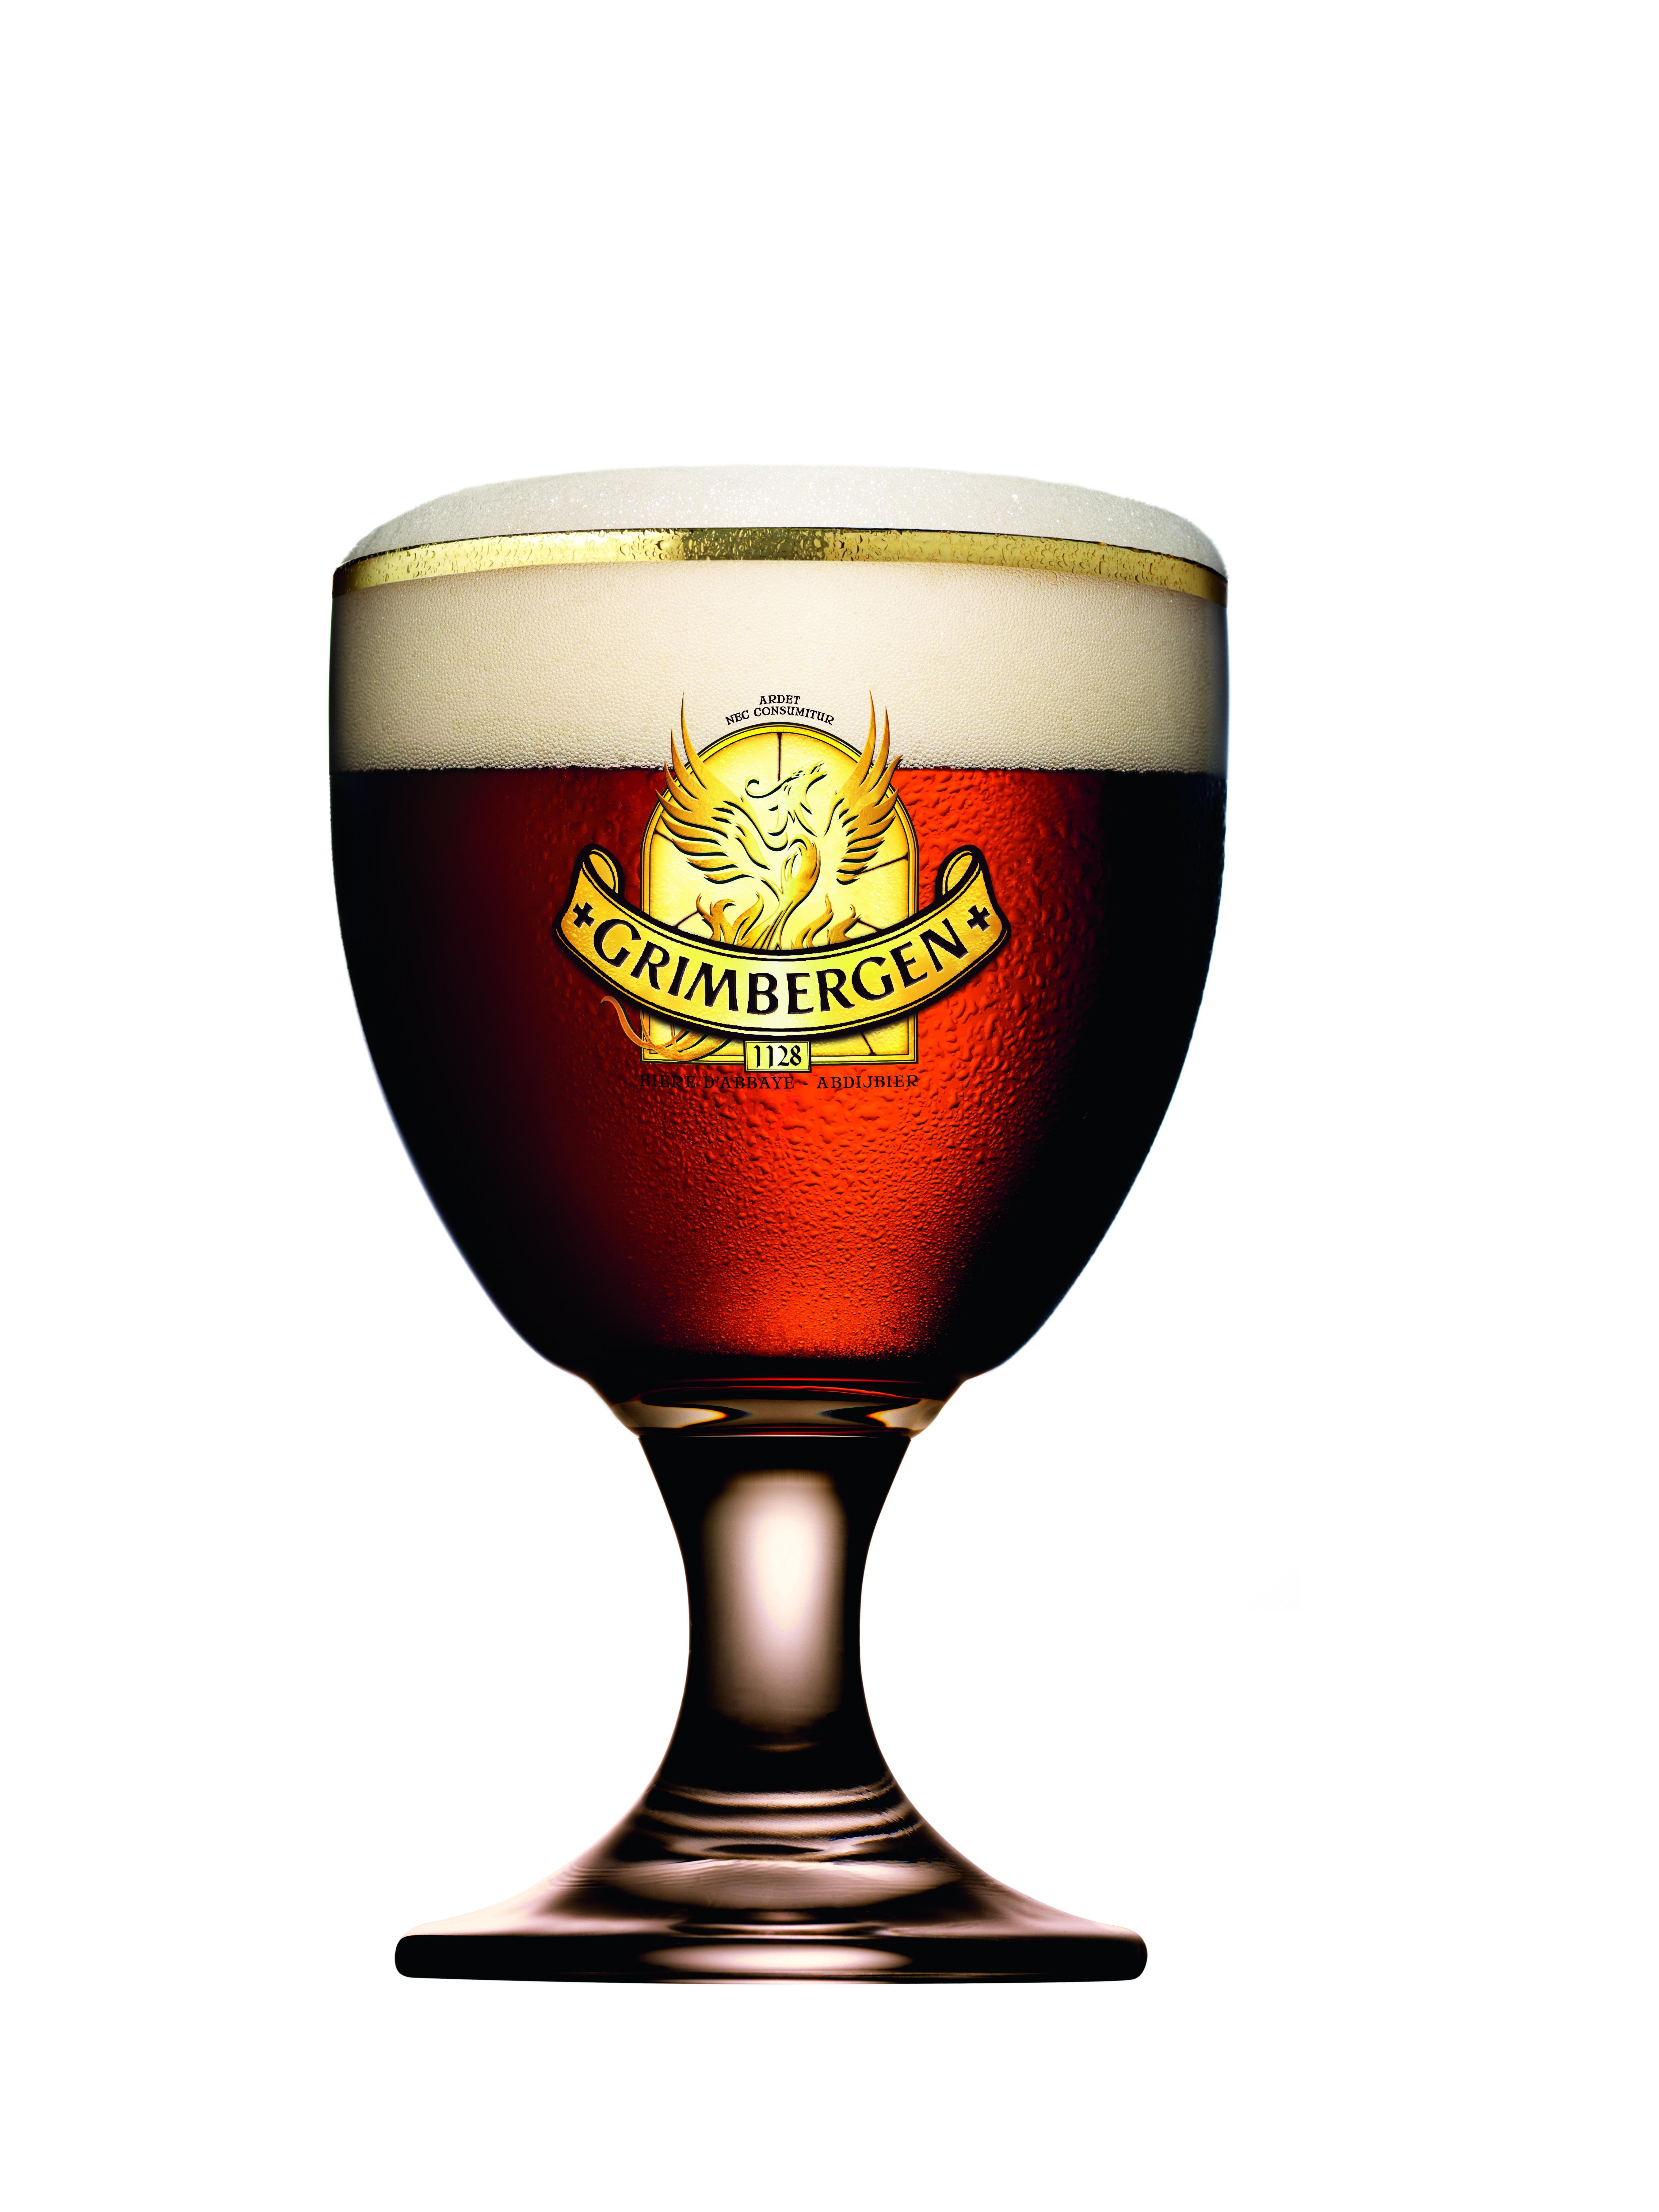 Grimbergen Belgian Beer Glasses Belgian Beer Beer Facts